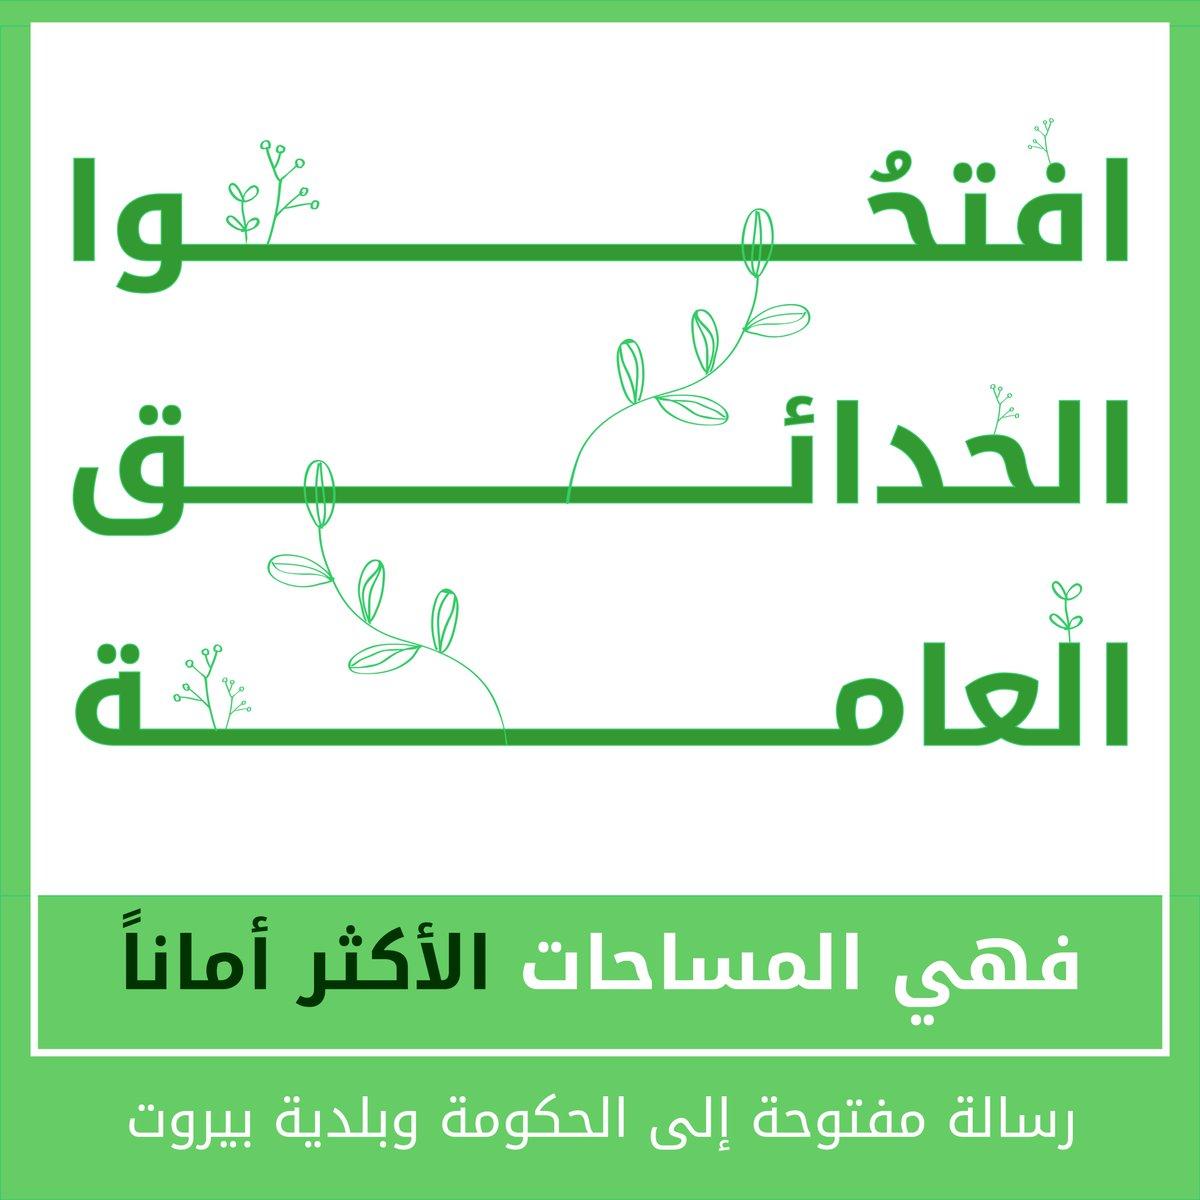 افتحُوا الحدائق العامة فهي المساحات الأكثر أماناً: رسالة مفتوحة إلى الحكومة وبلدية بيروت